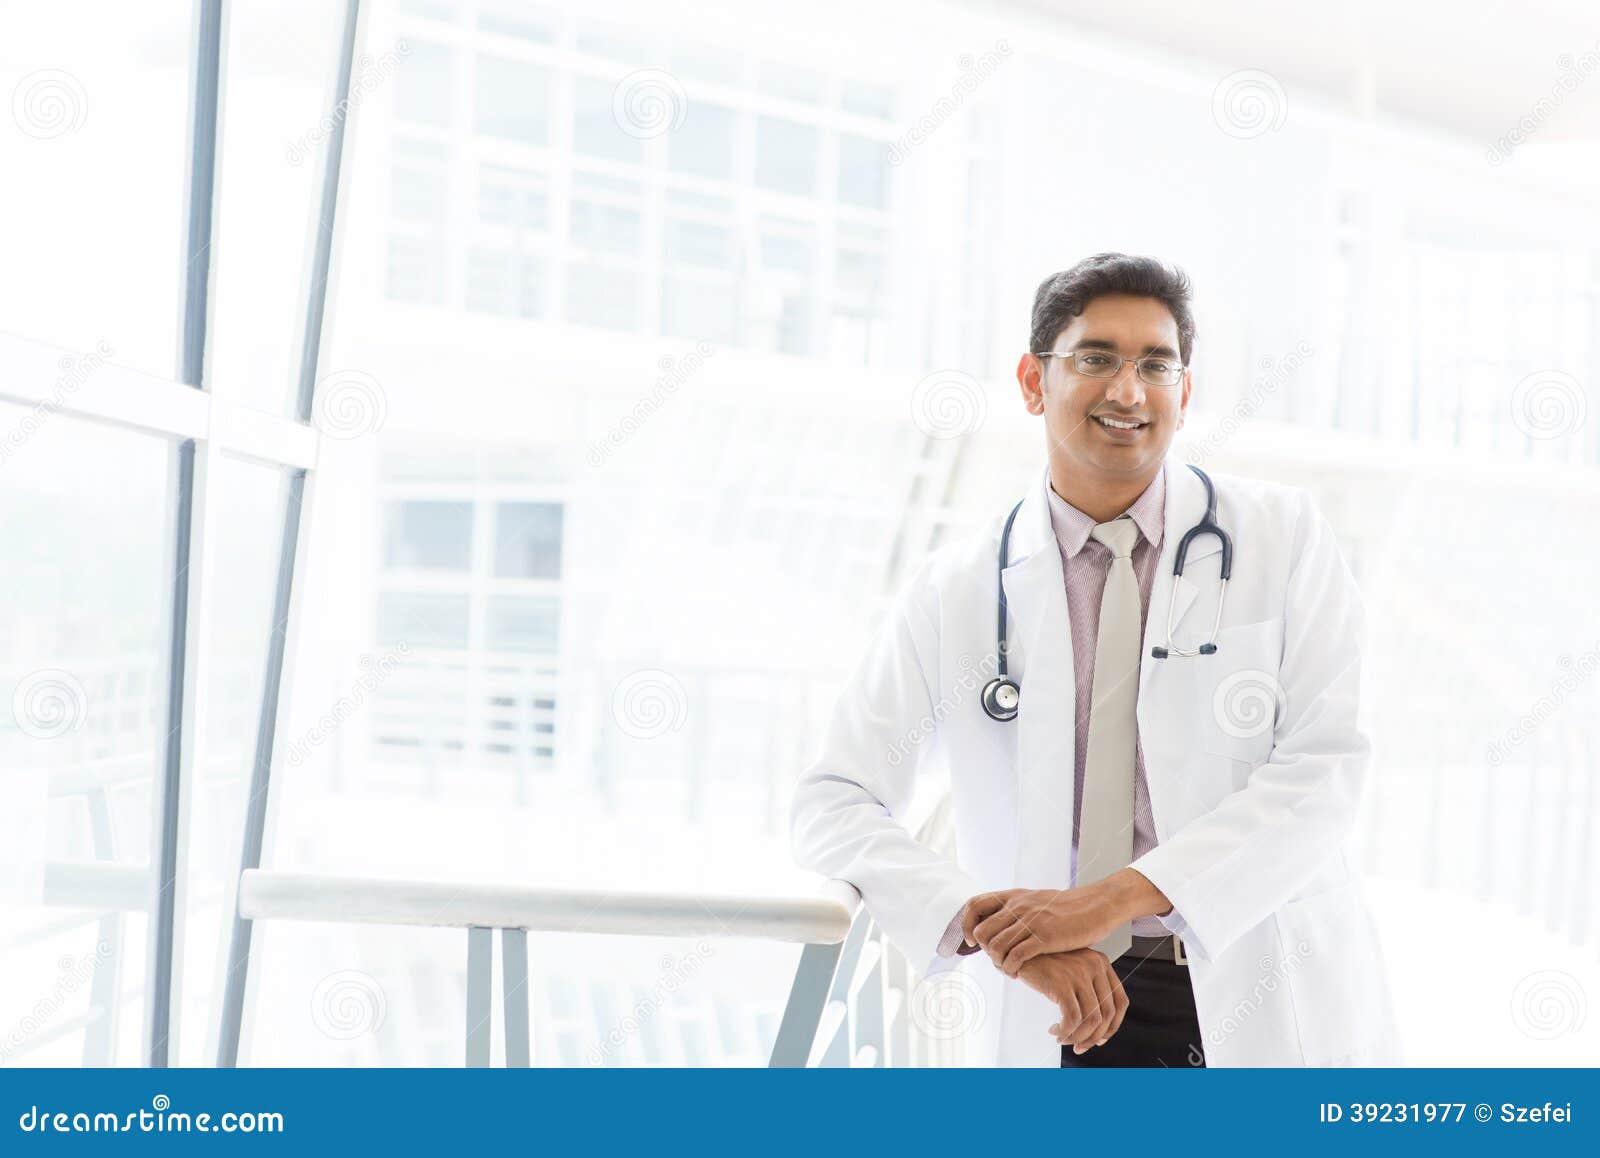 Азиатский индийский мужской врач.